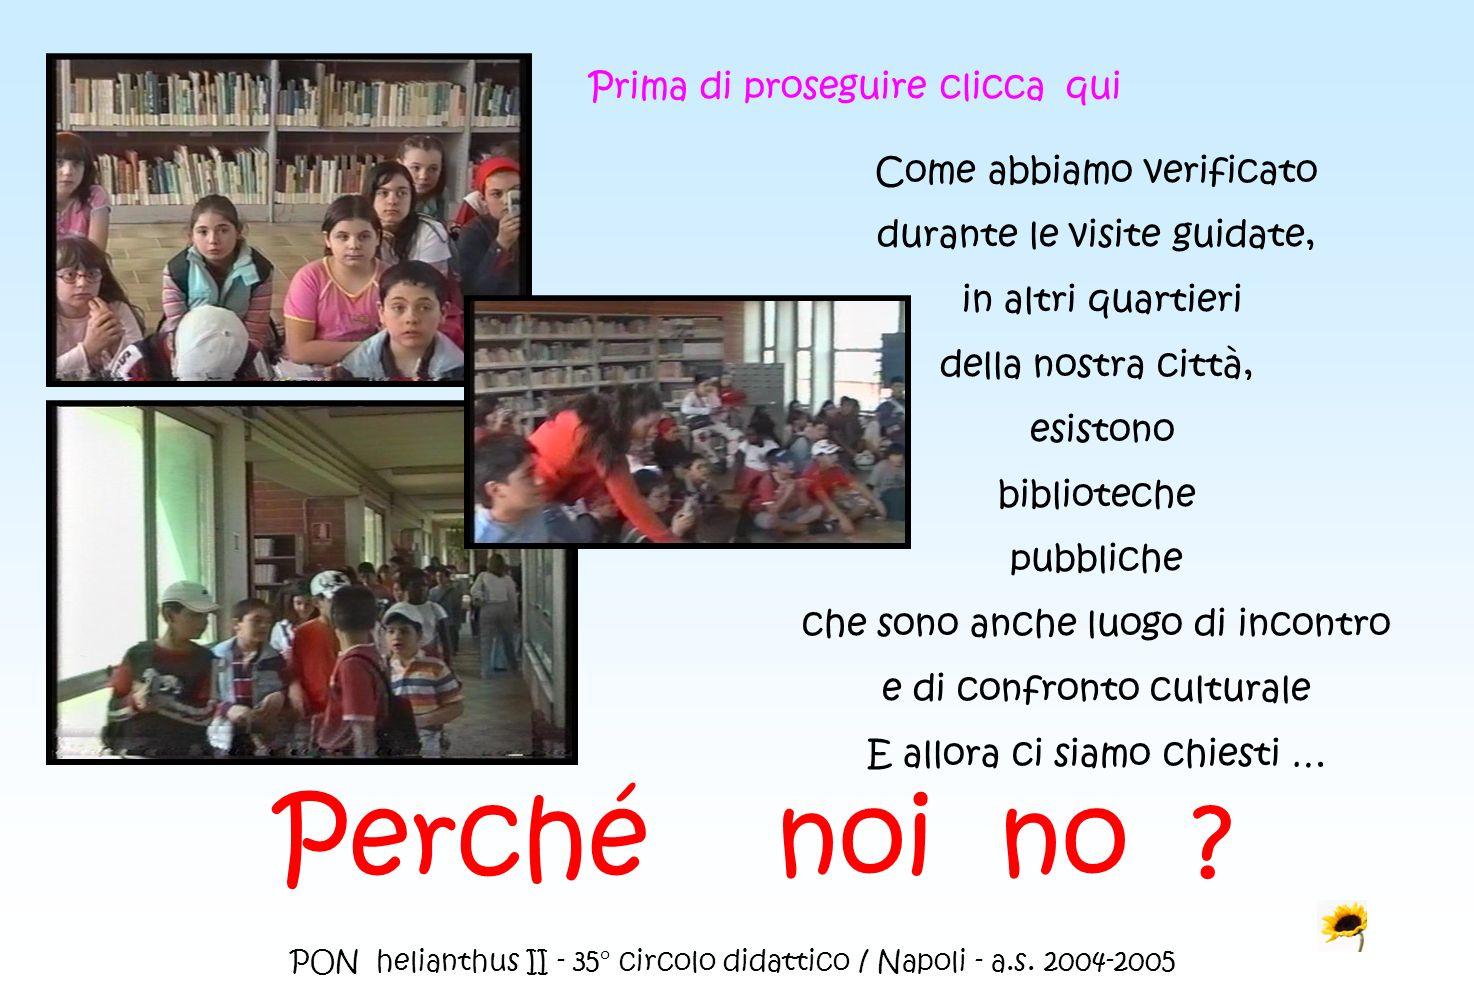 PON helianthus II - 35° circolo didattico / Napoli - a.s. 2004-2005 Come abbiamo verificato durante le visite guidate, in altri quartieri della nostra